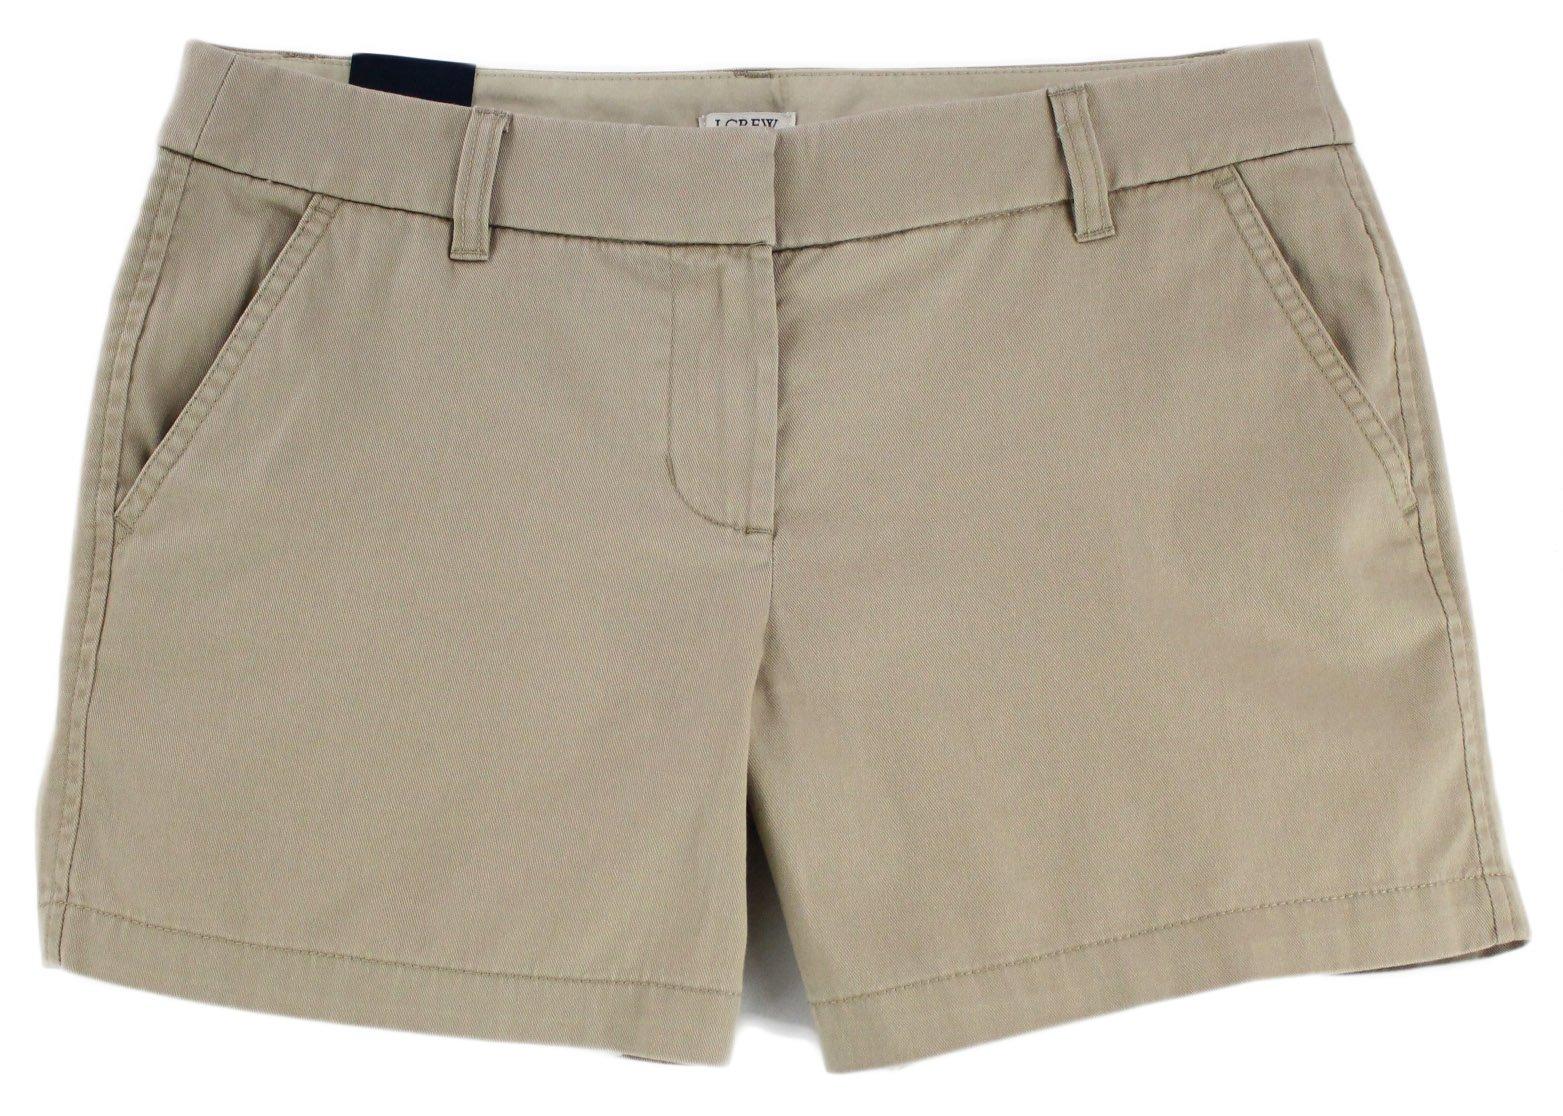 J. Crew - Women's - 5'' Chino Shorts (10, British Khaki)